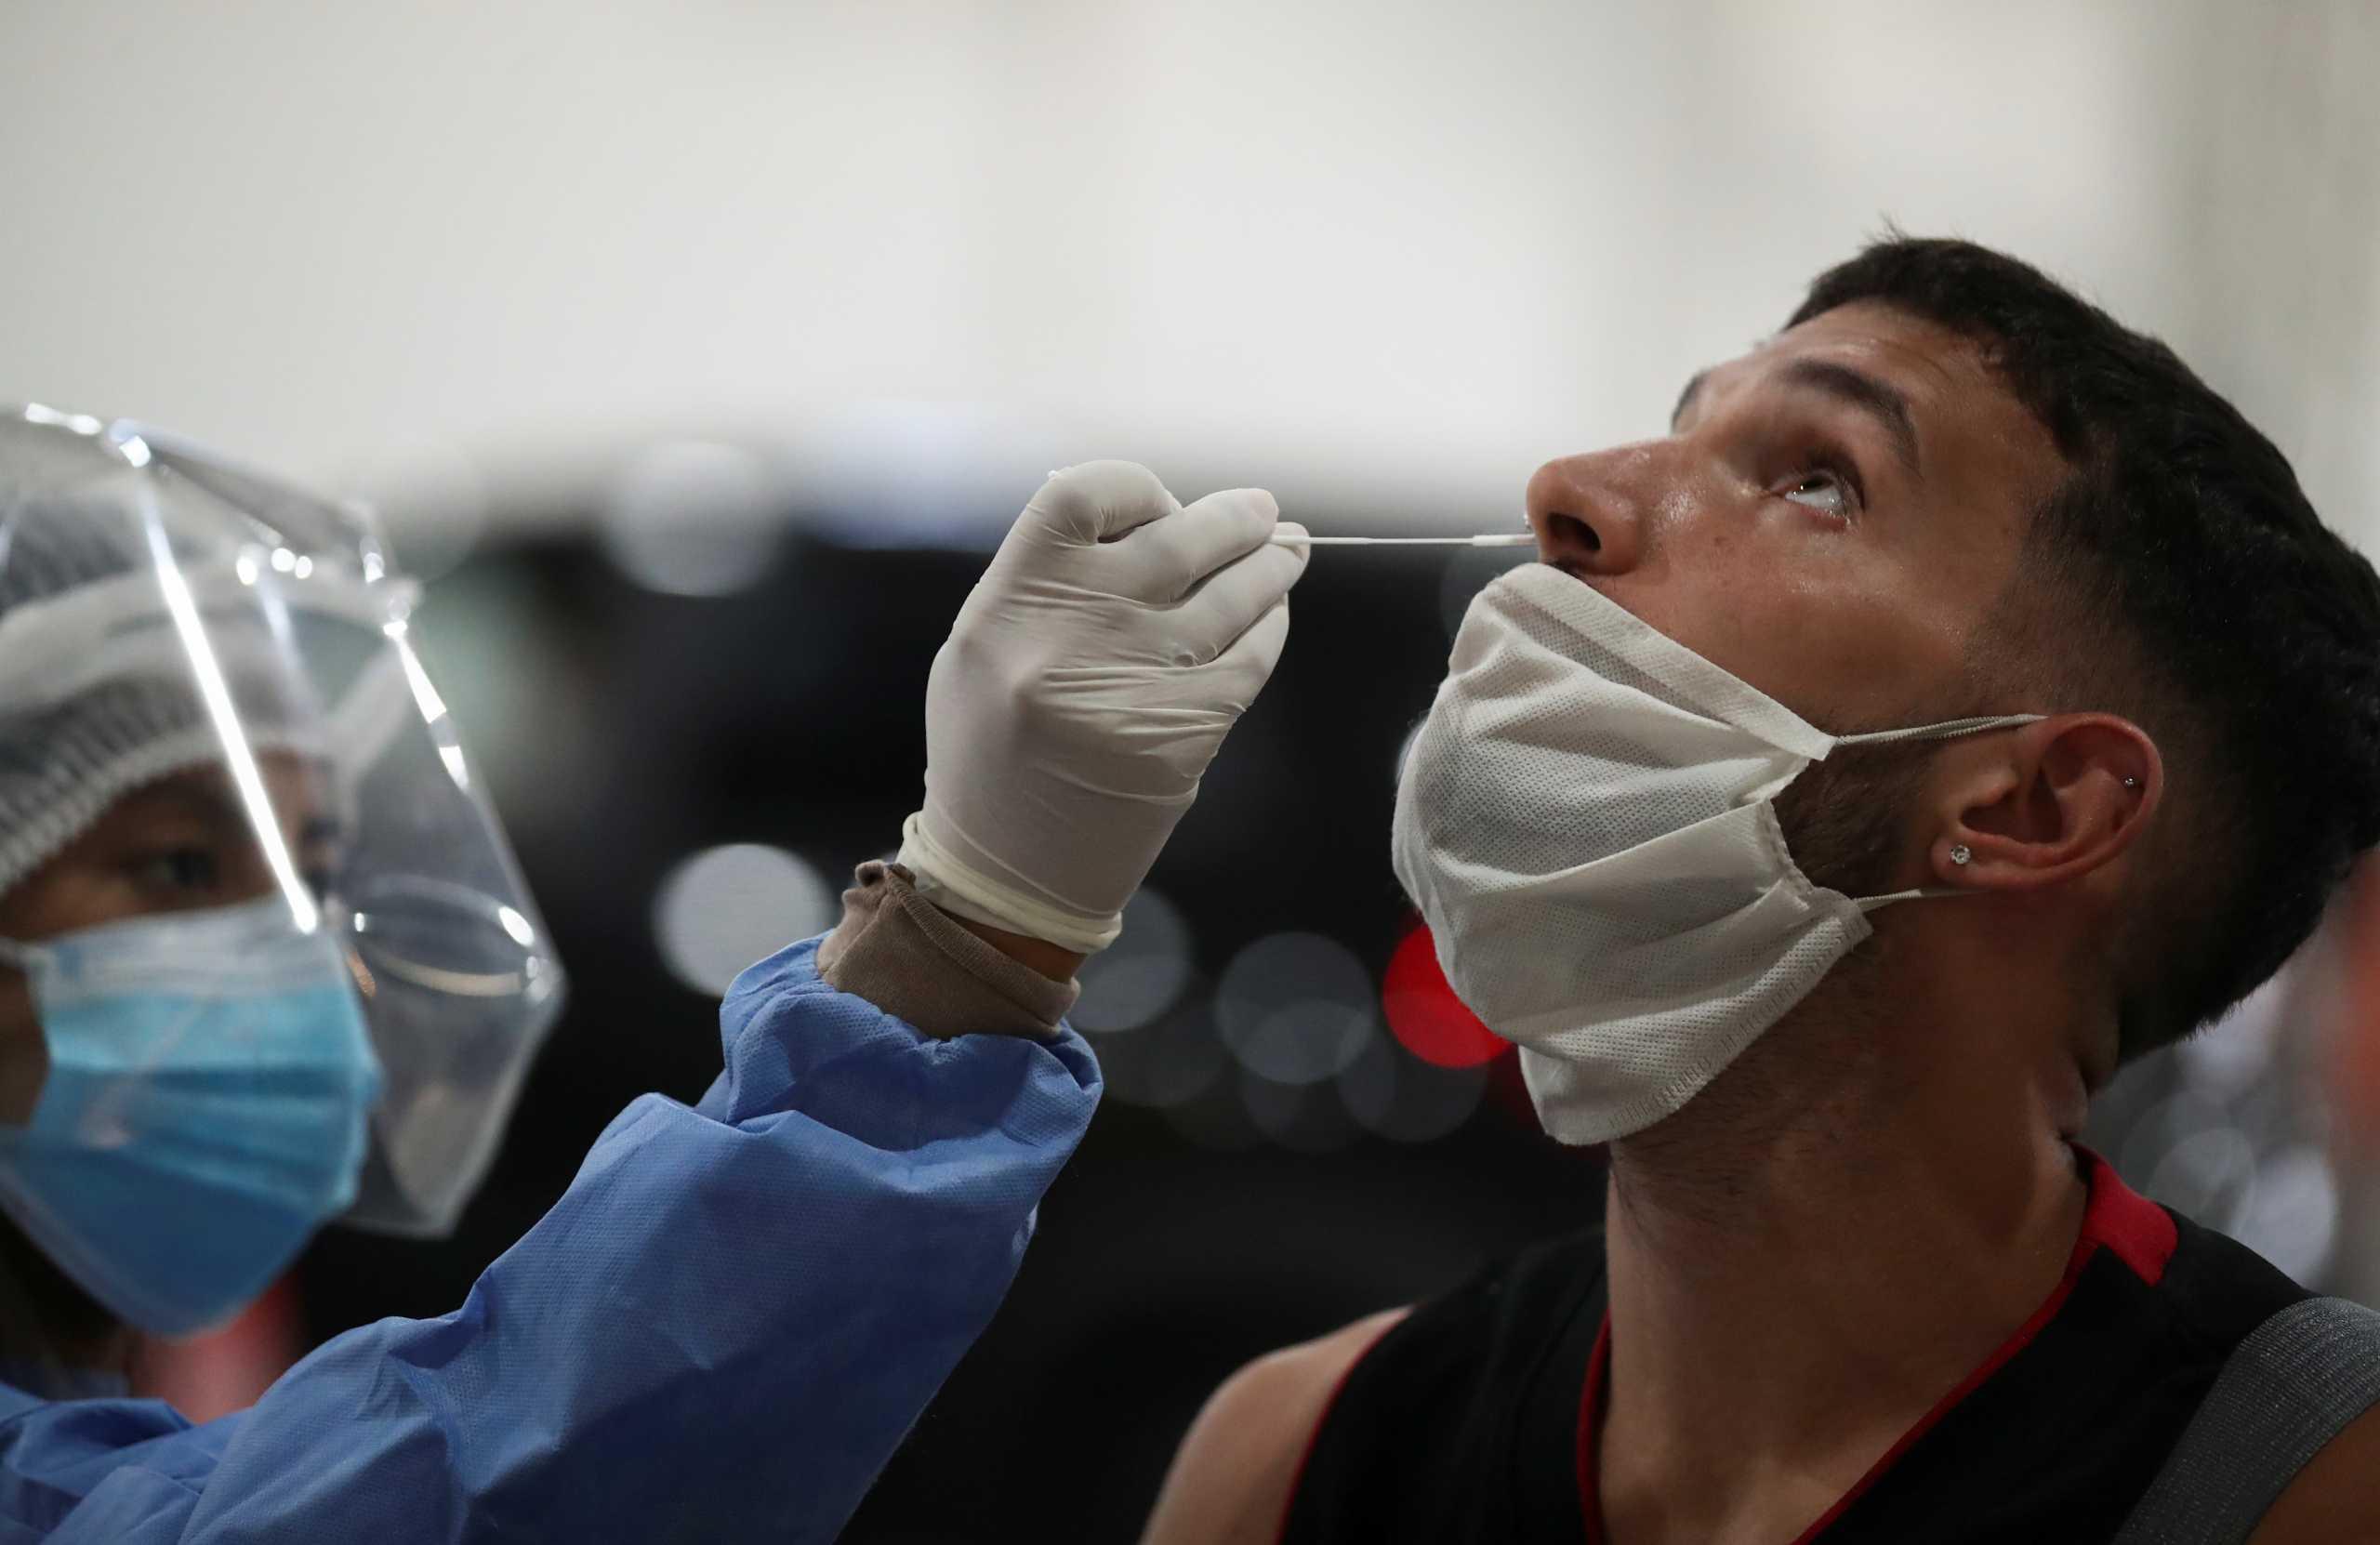 Σαρώνει ο κορονοϊός και στην Αργεντινή: Νέο ρεκόρ με 22.039 κρούσματα σε ένα 24ωρο